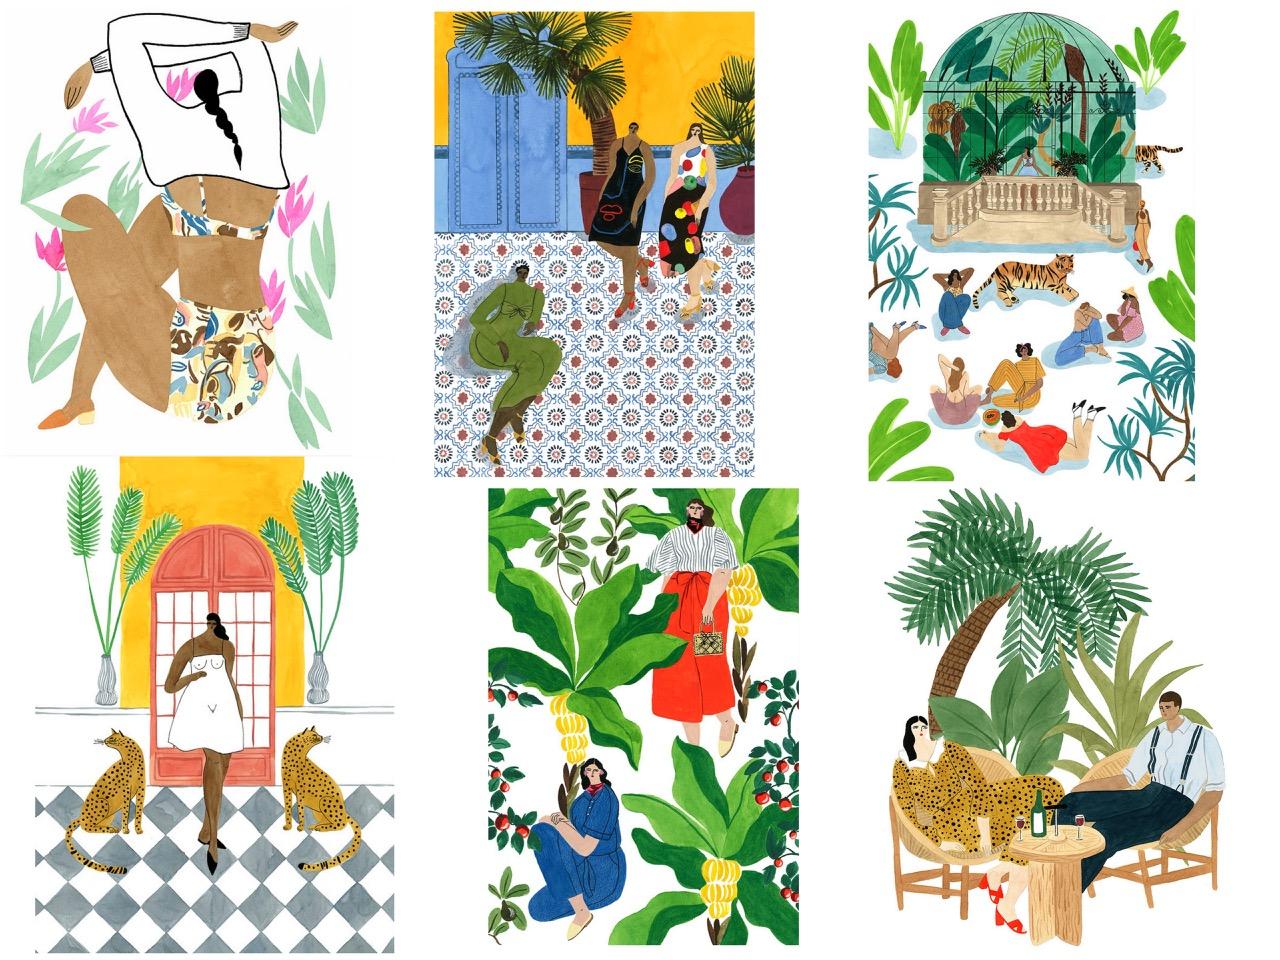 dessin,illustration,peinture,isabelle feiiu,artiste,peintre,hôtel manapany,saint-barth,françois champsaur,pastel,aquarelle,gouache